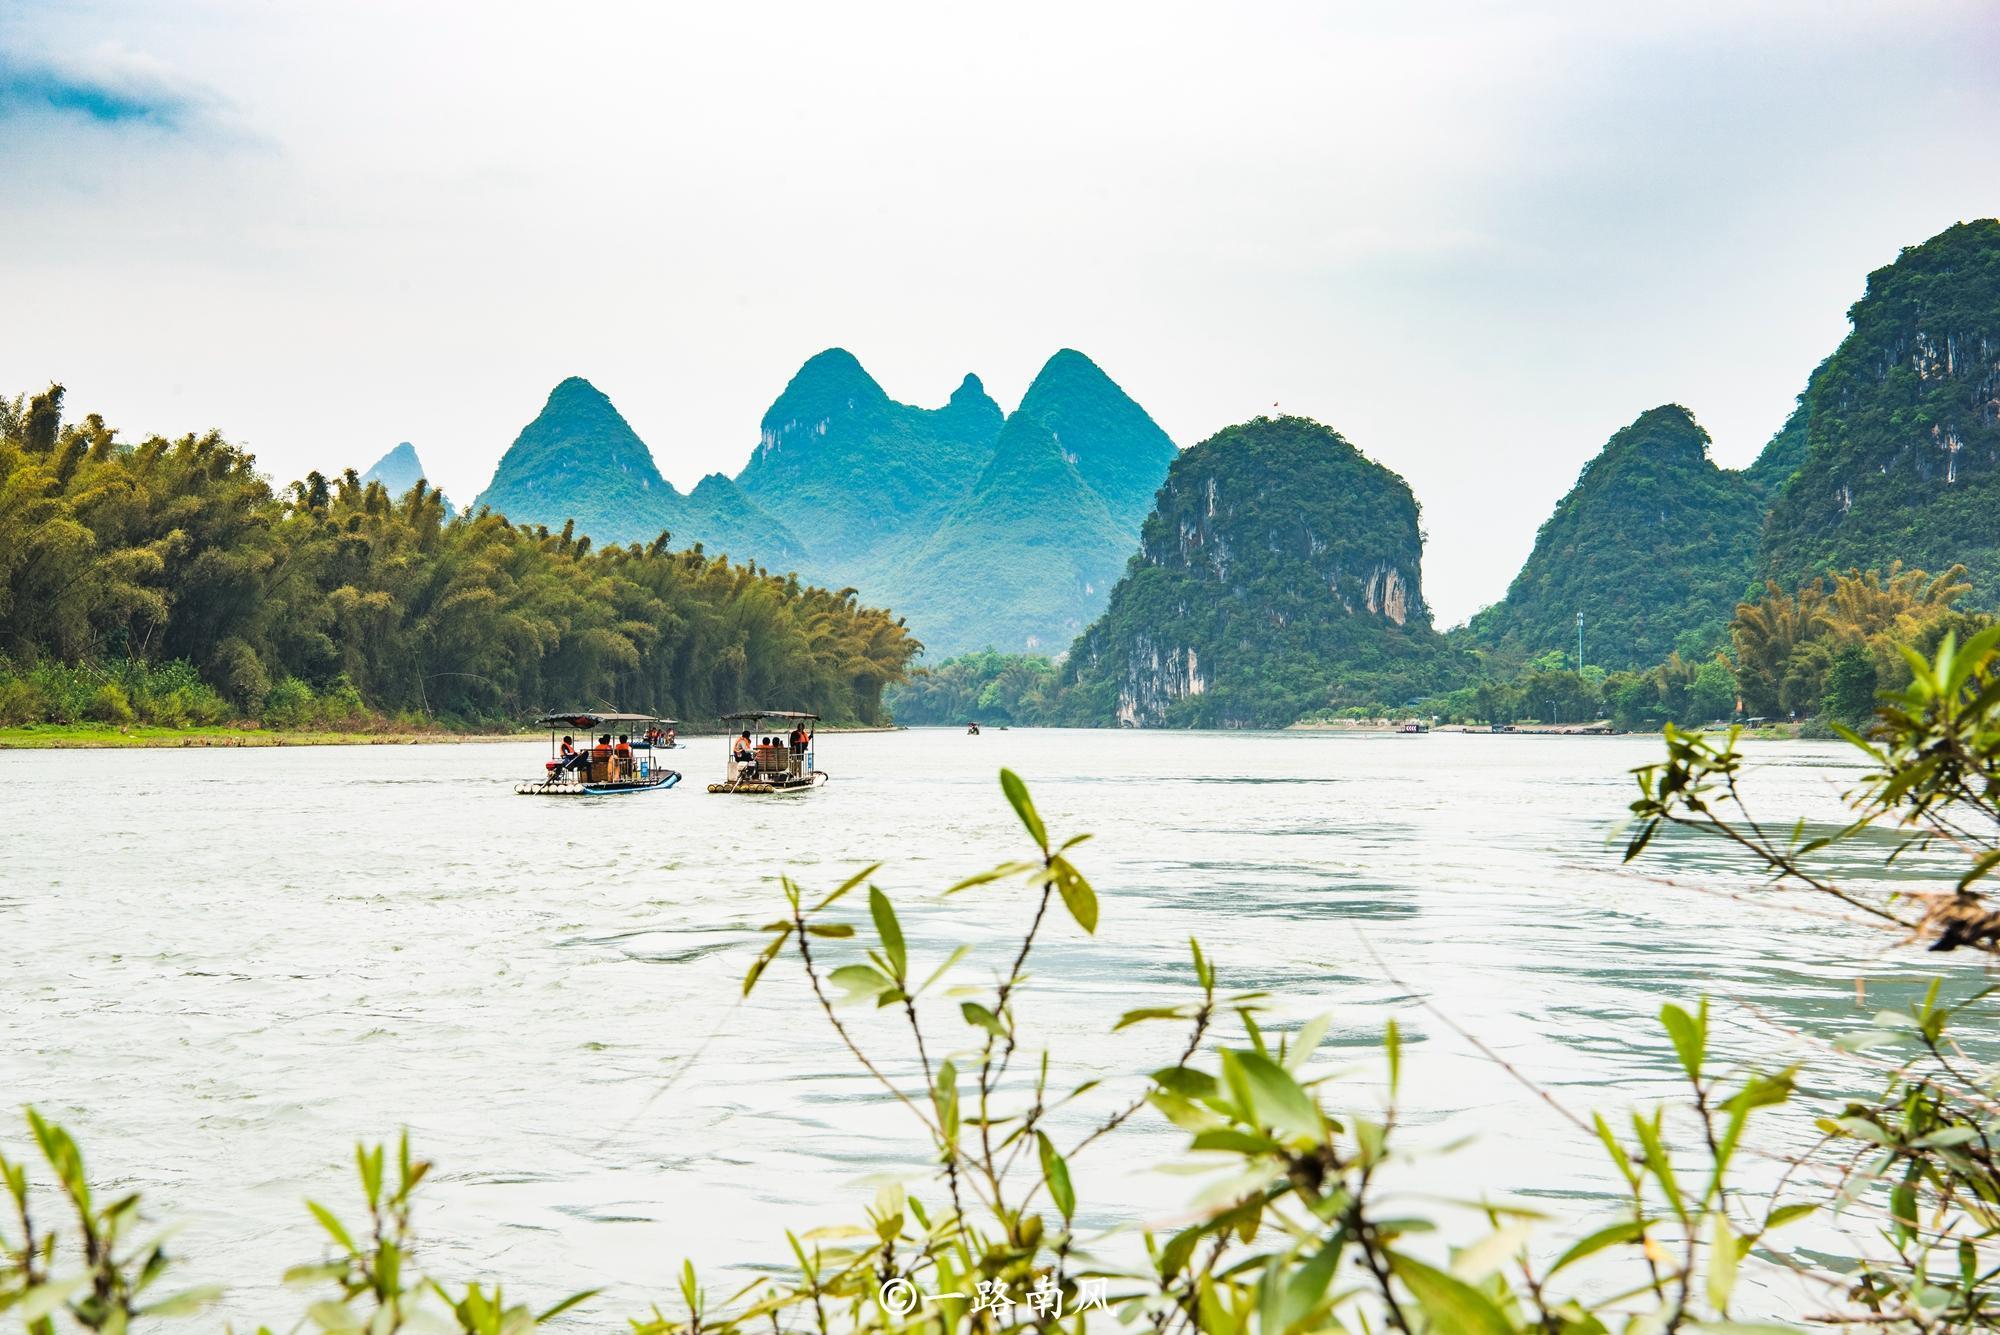 阳朔大桥附近看风光,桂林山水不用钱还惹人沉醉!